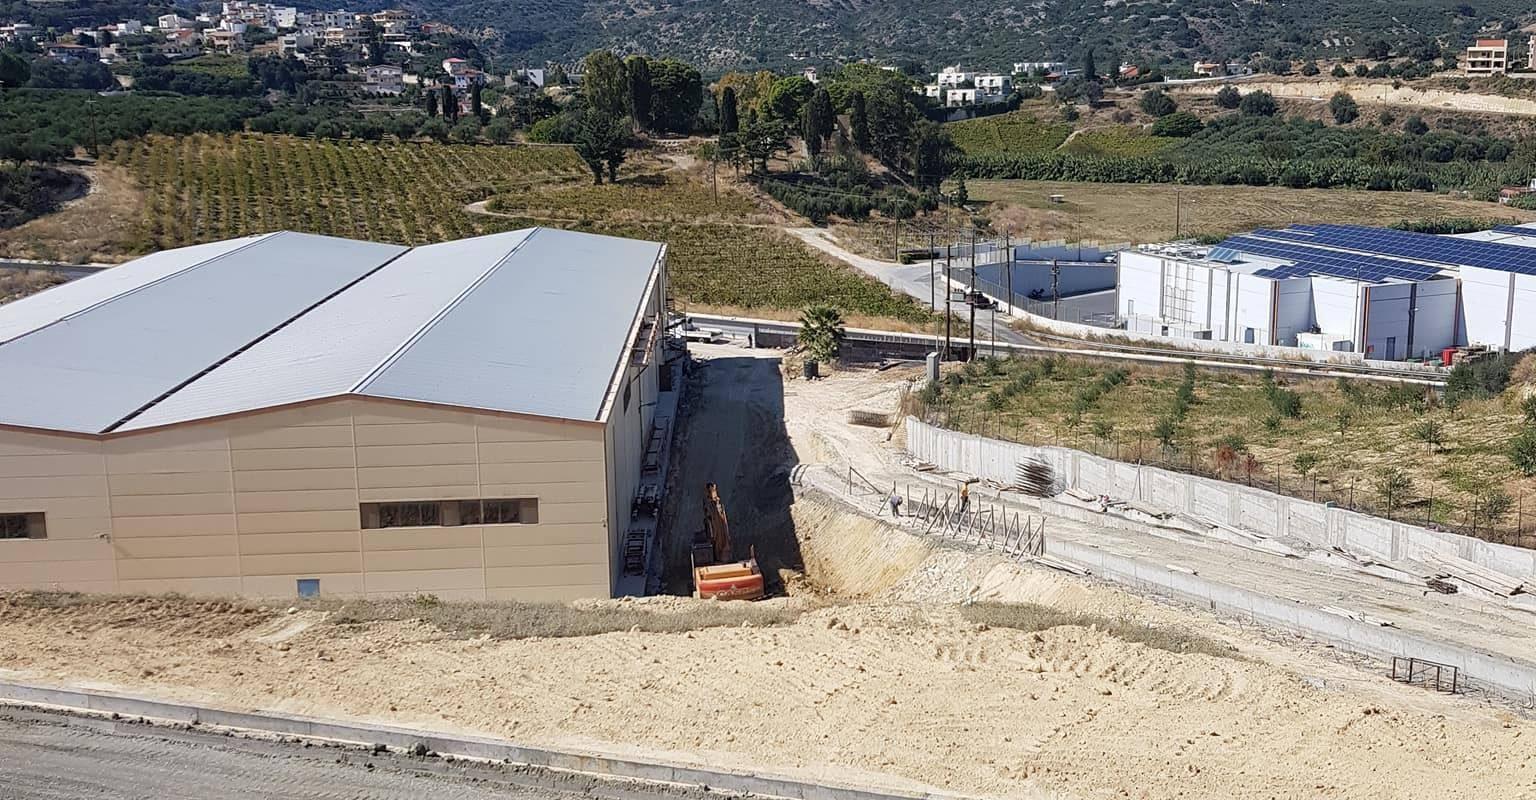 Nέο έργο υπό κατασκευή για την ΠΕΡΝΙΕΝΤΑΚΗΣ ΑΕΒΕ